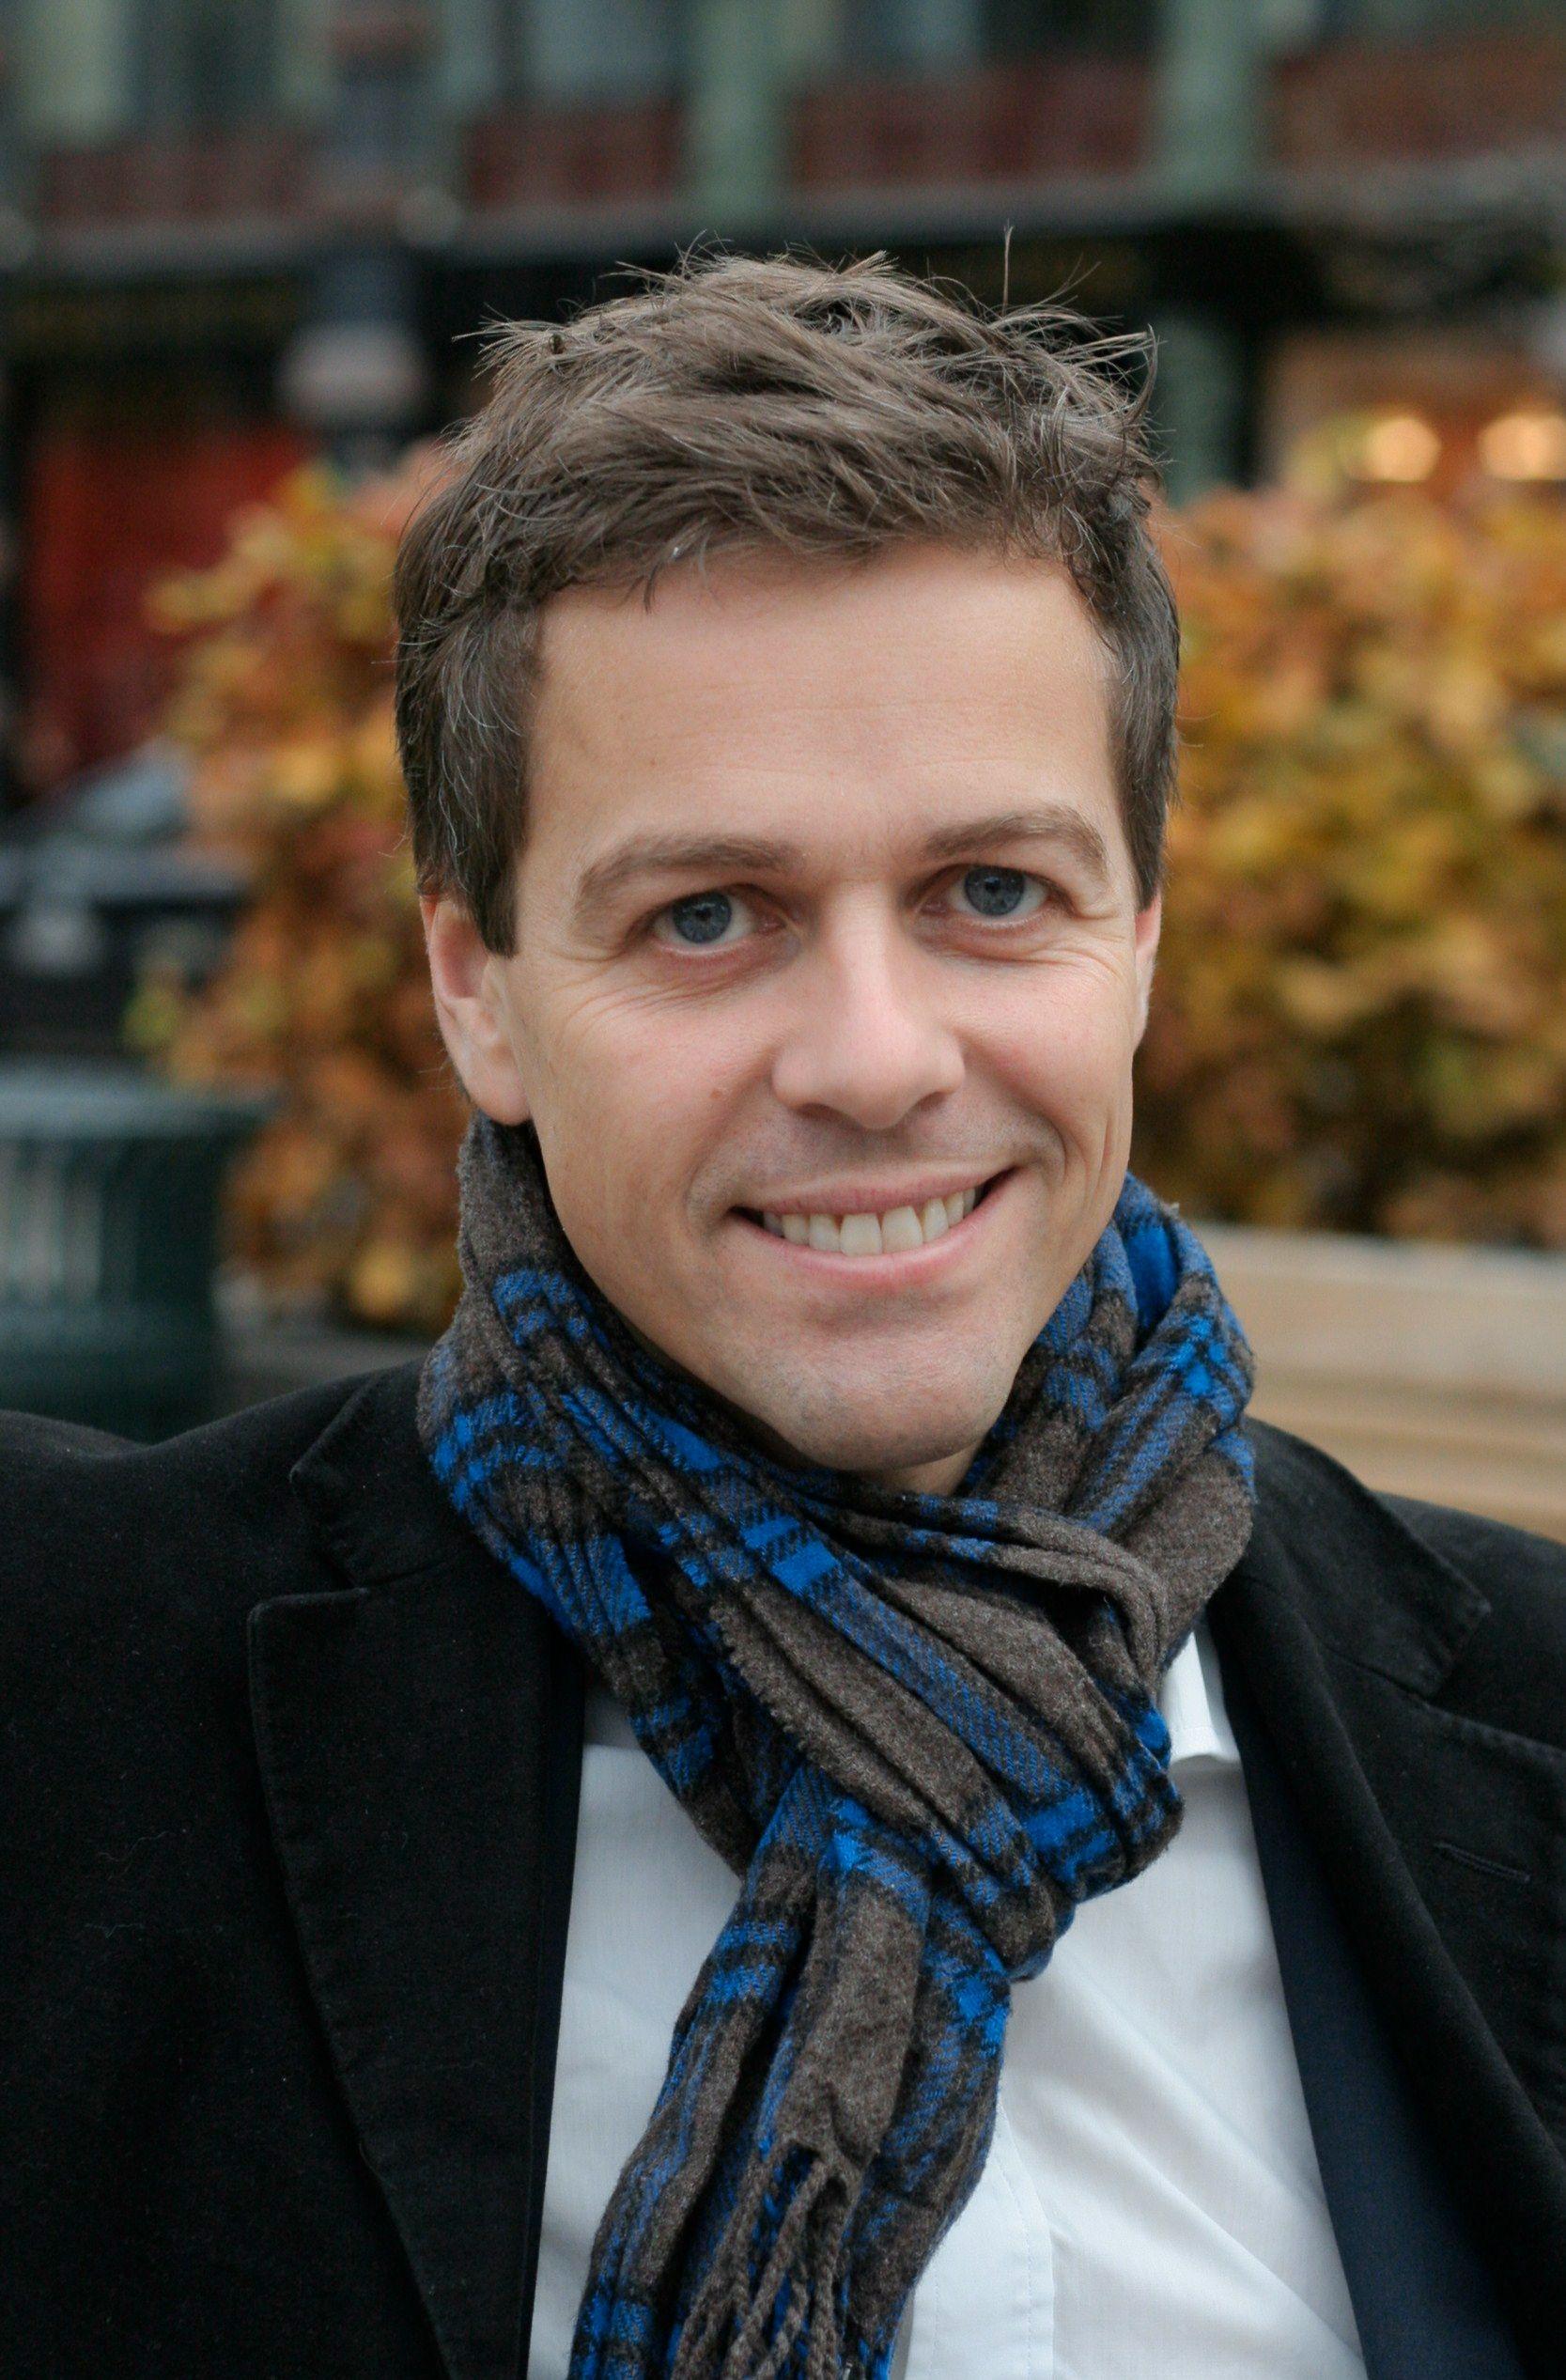 Knut Arild Hareide, partileder i Kristelig Folkeparti og leder av samferdselskomitéen på Stortinget.Foto: Gunnhild Sørås